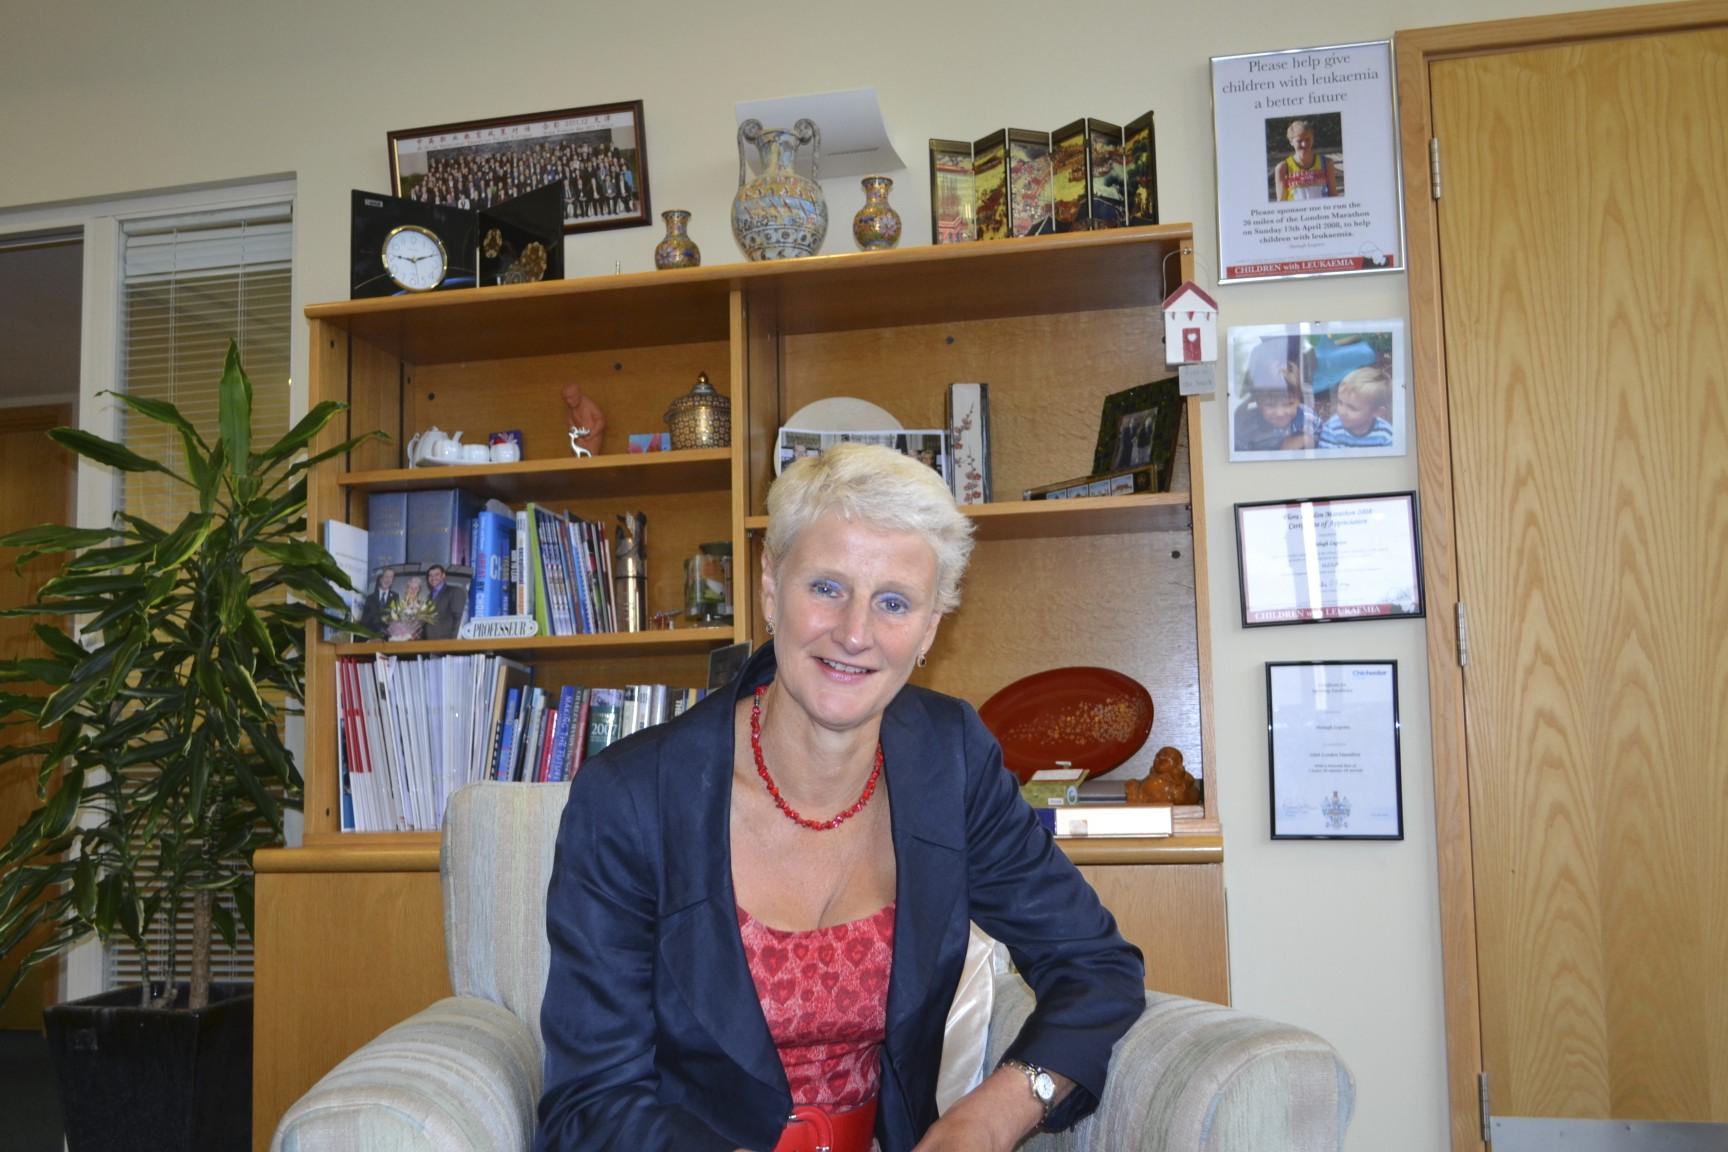 Shelagh Legrave